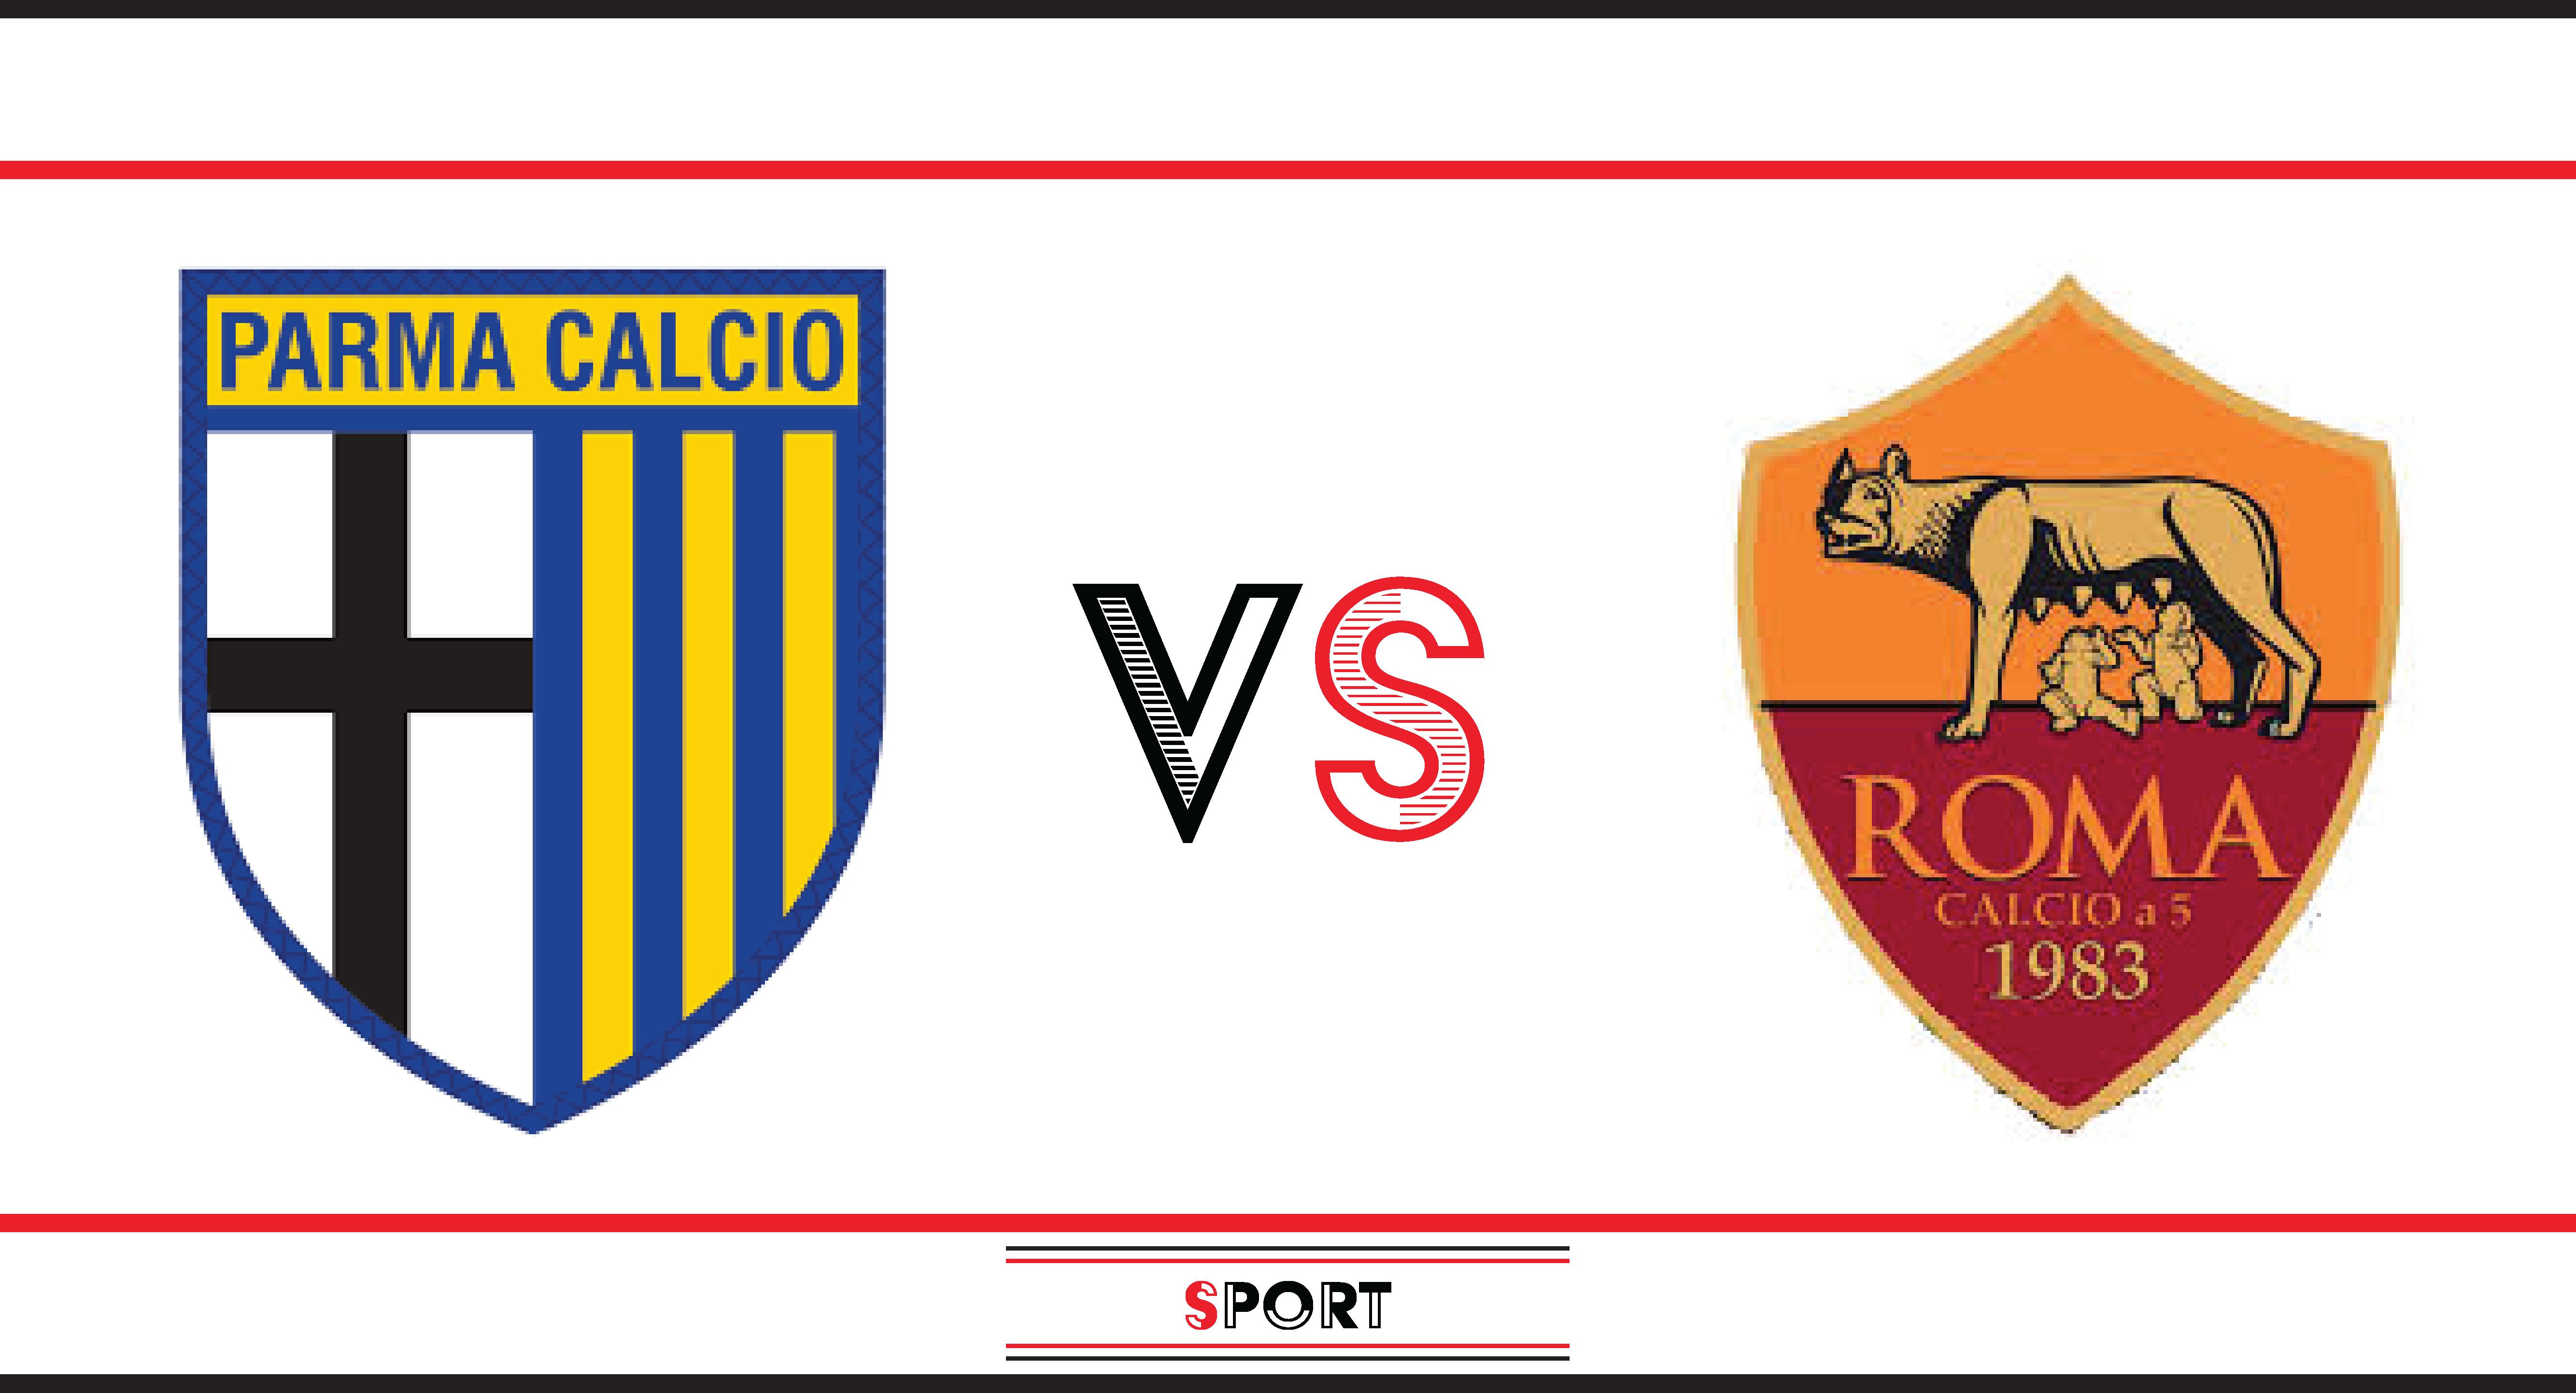 Coppa Italia, diretta Parma-Roma su Rai2 e streaming: orari oggi 16 gennaio